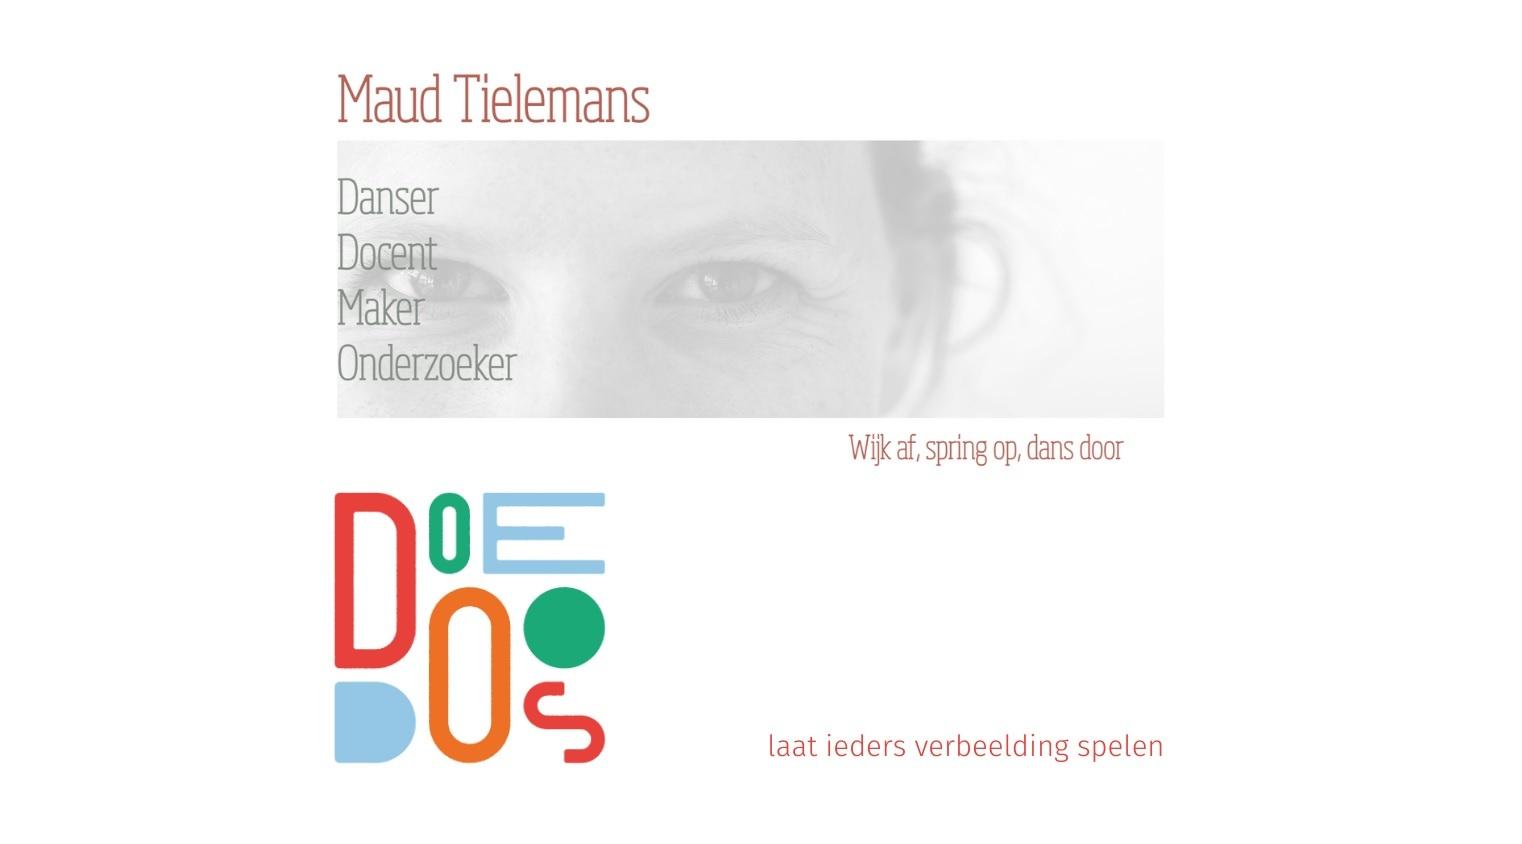 Afbeelding Doe Doos Maud Tielemans